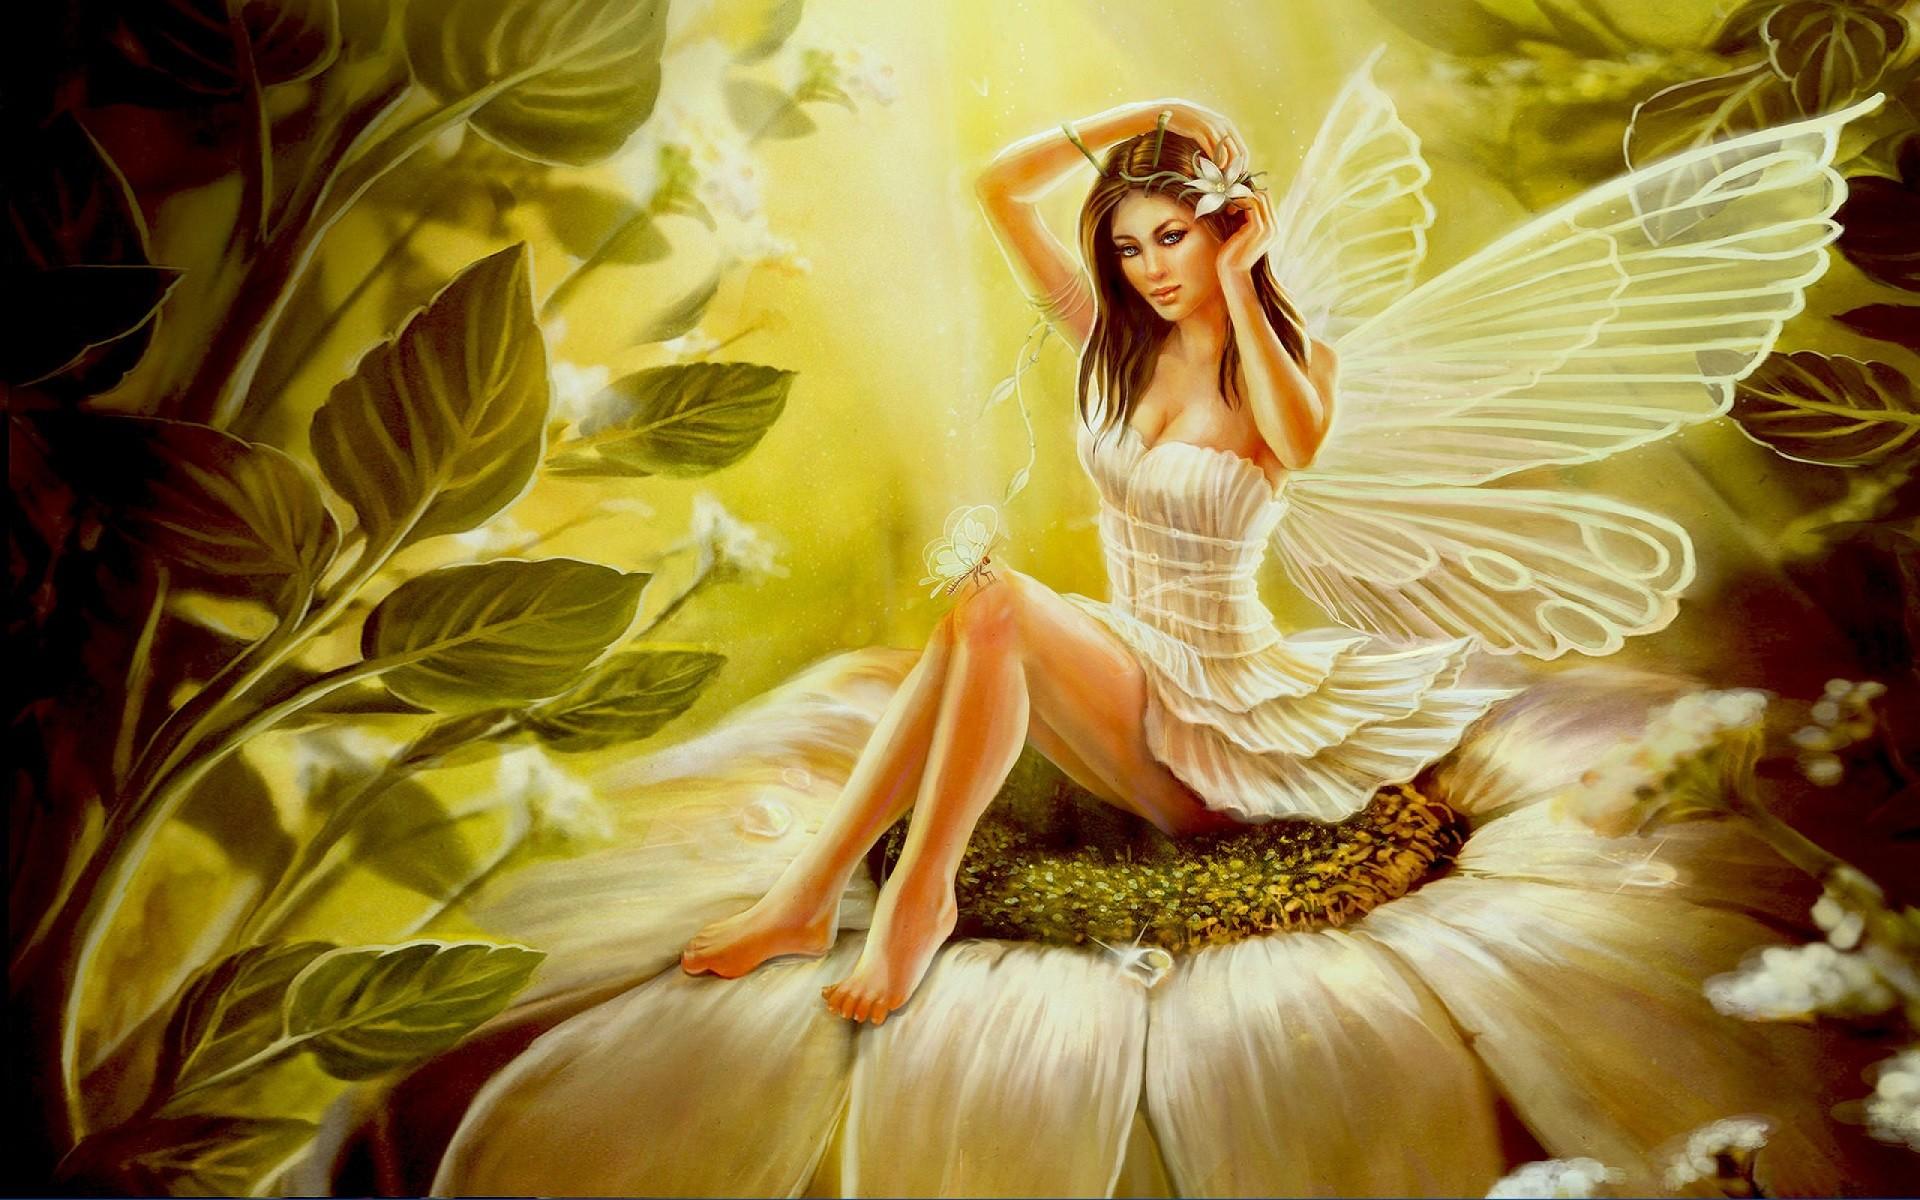 Фото девушек с крыльями бабочки